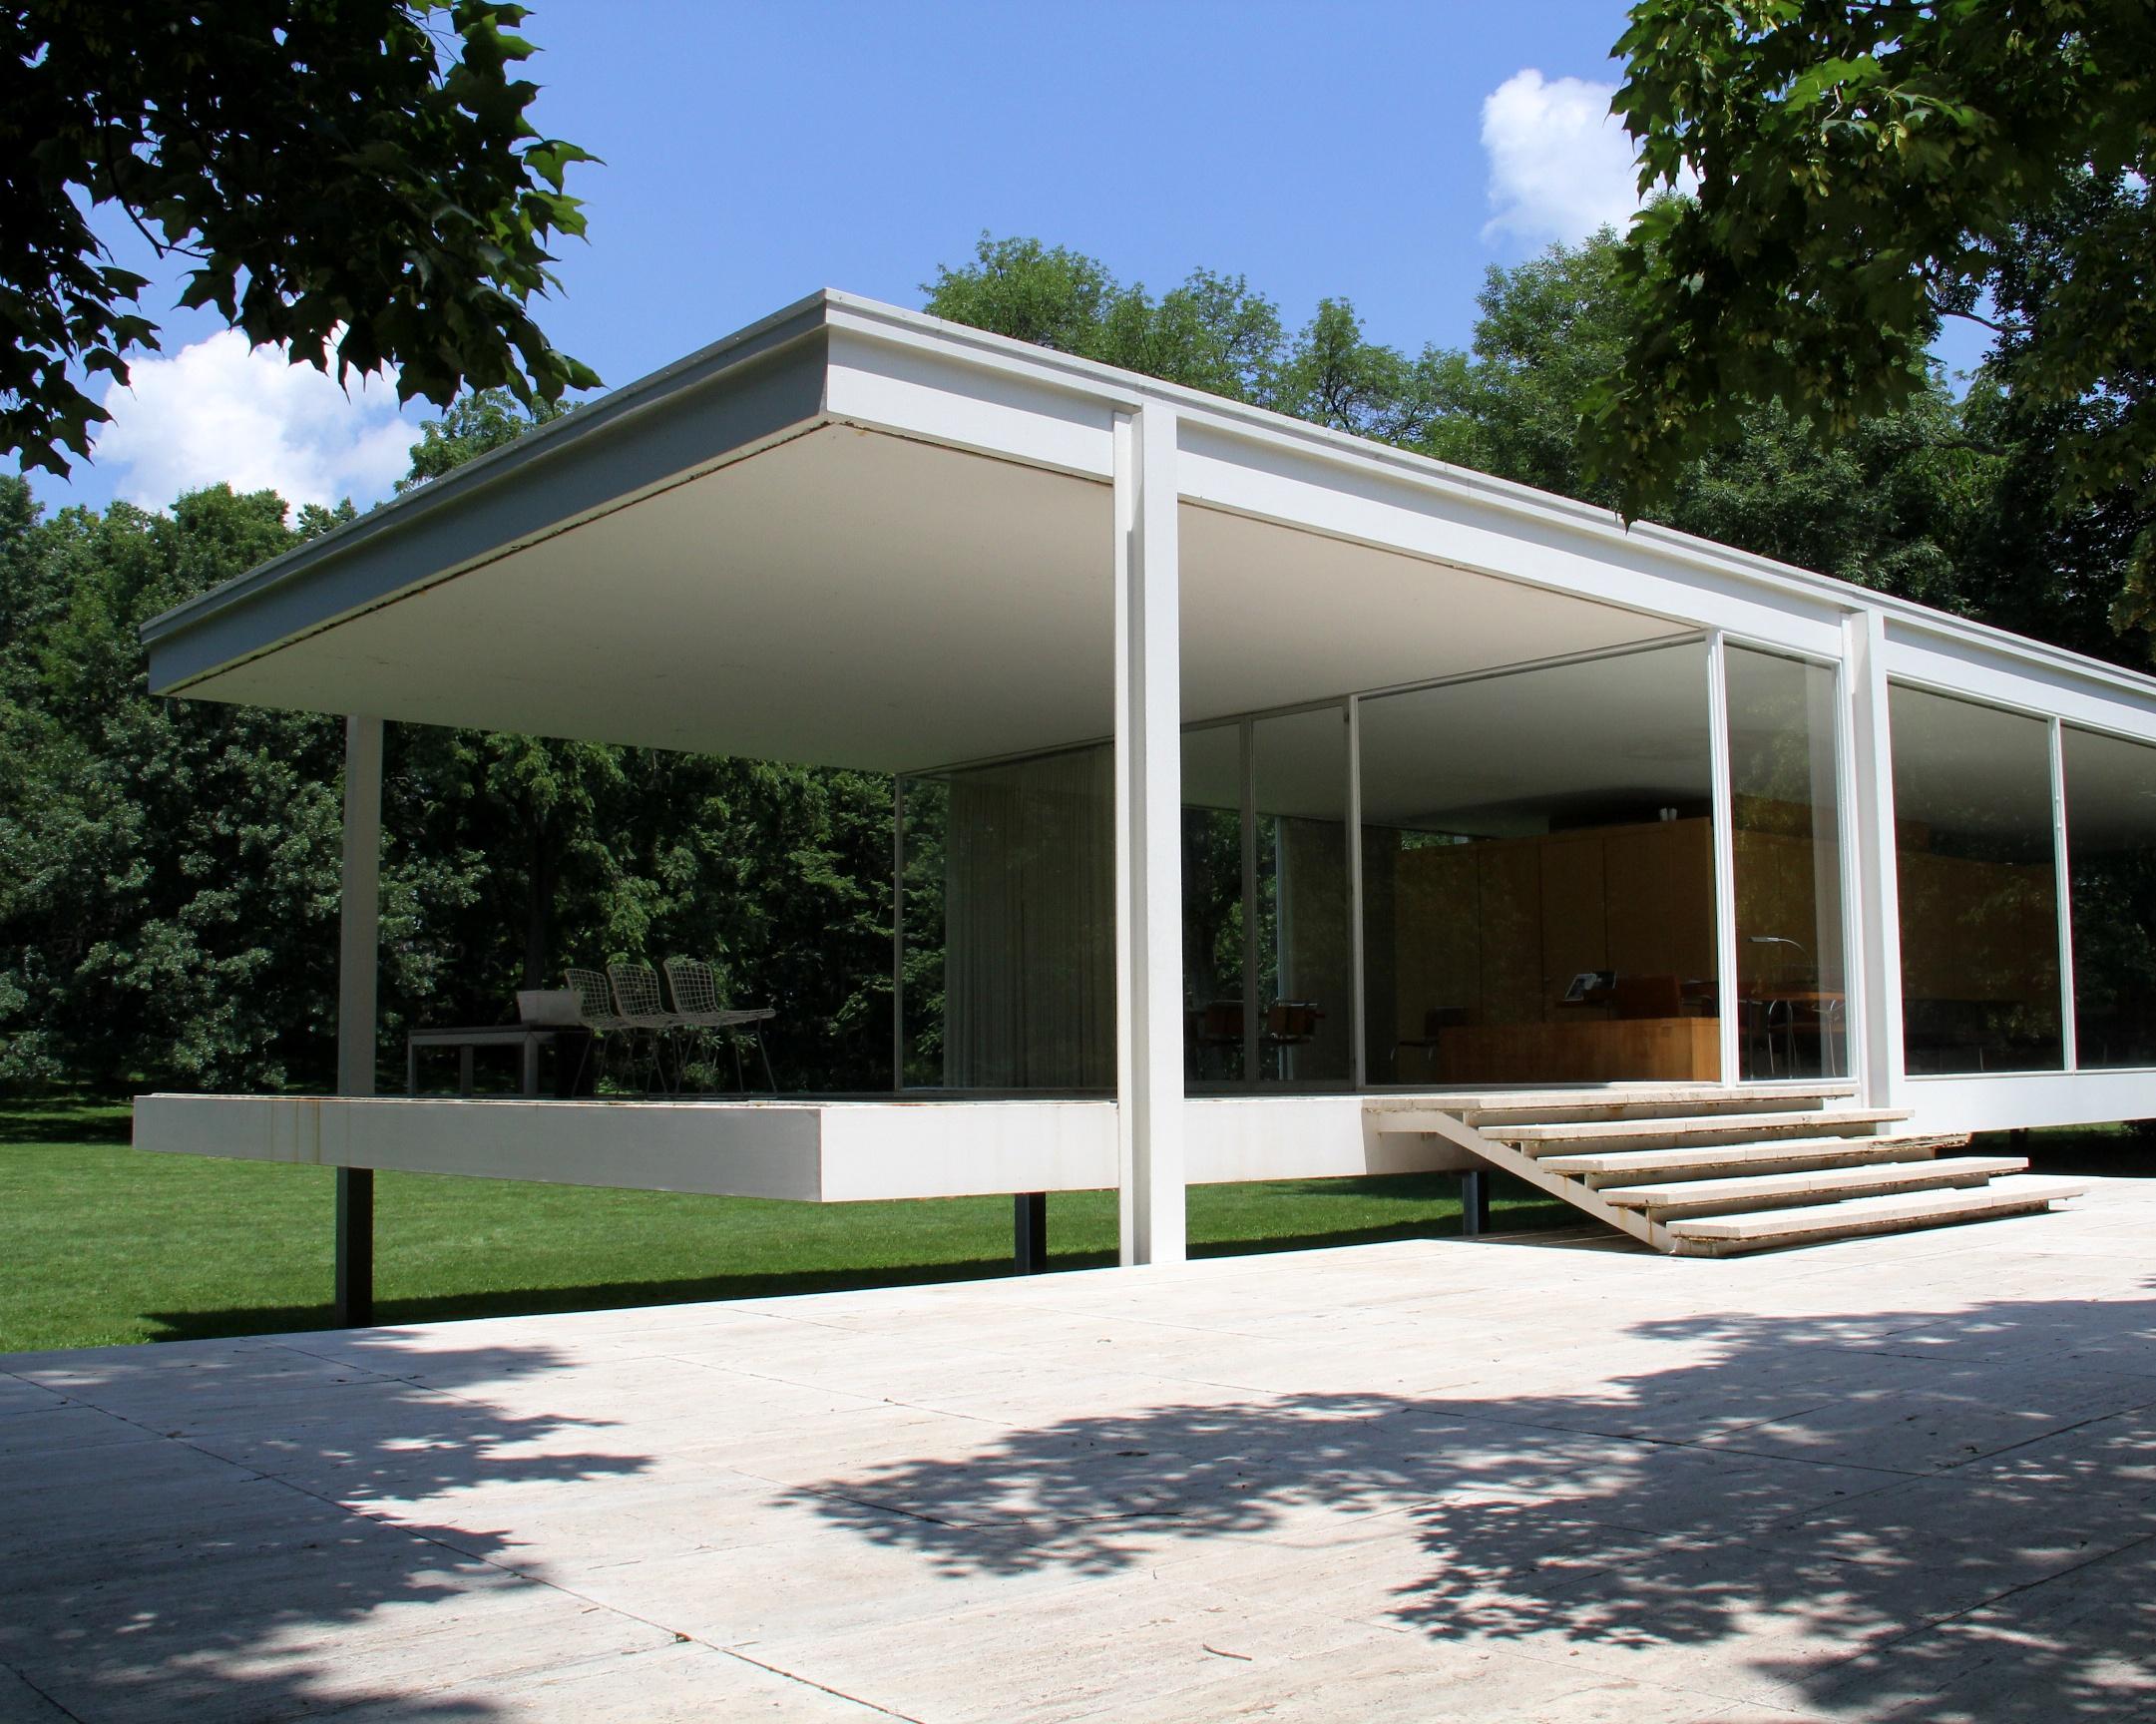 farnsworth house traverse360 architecture